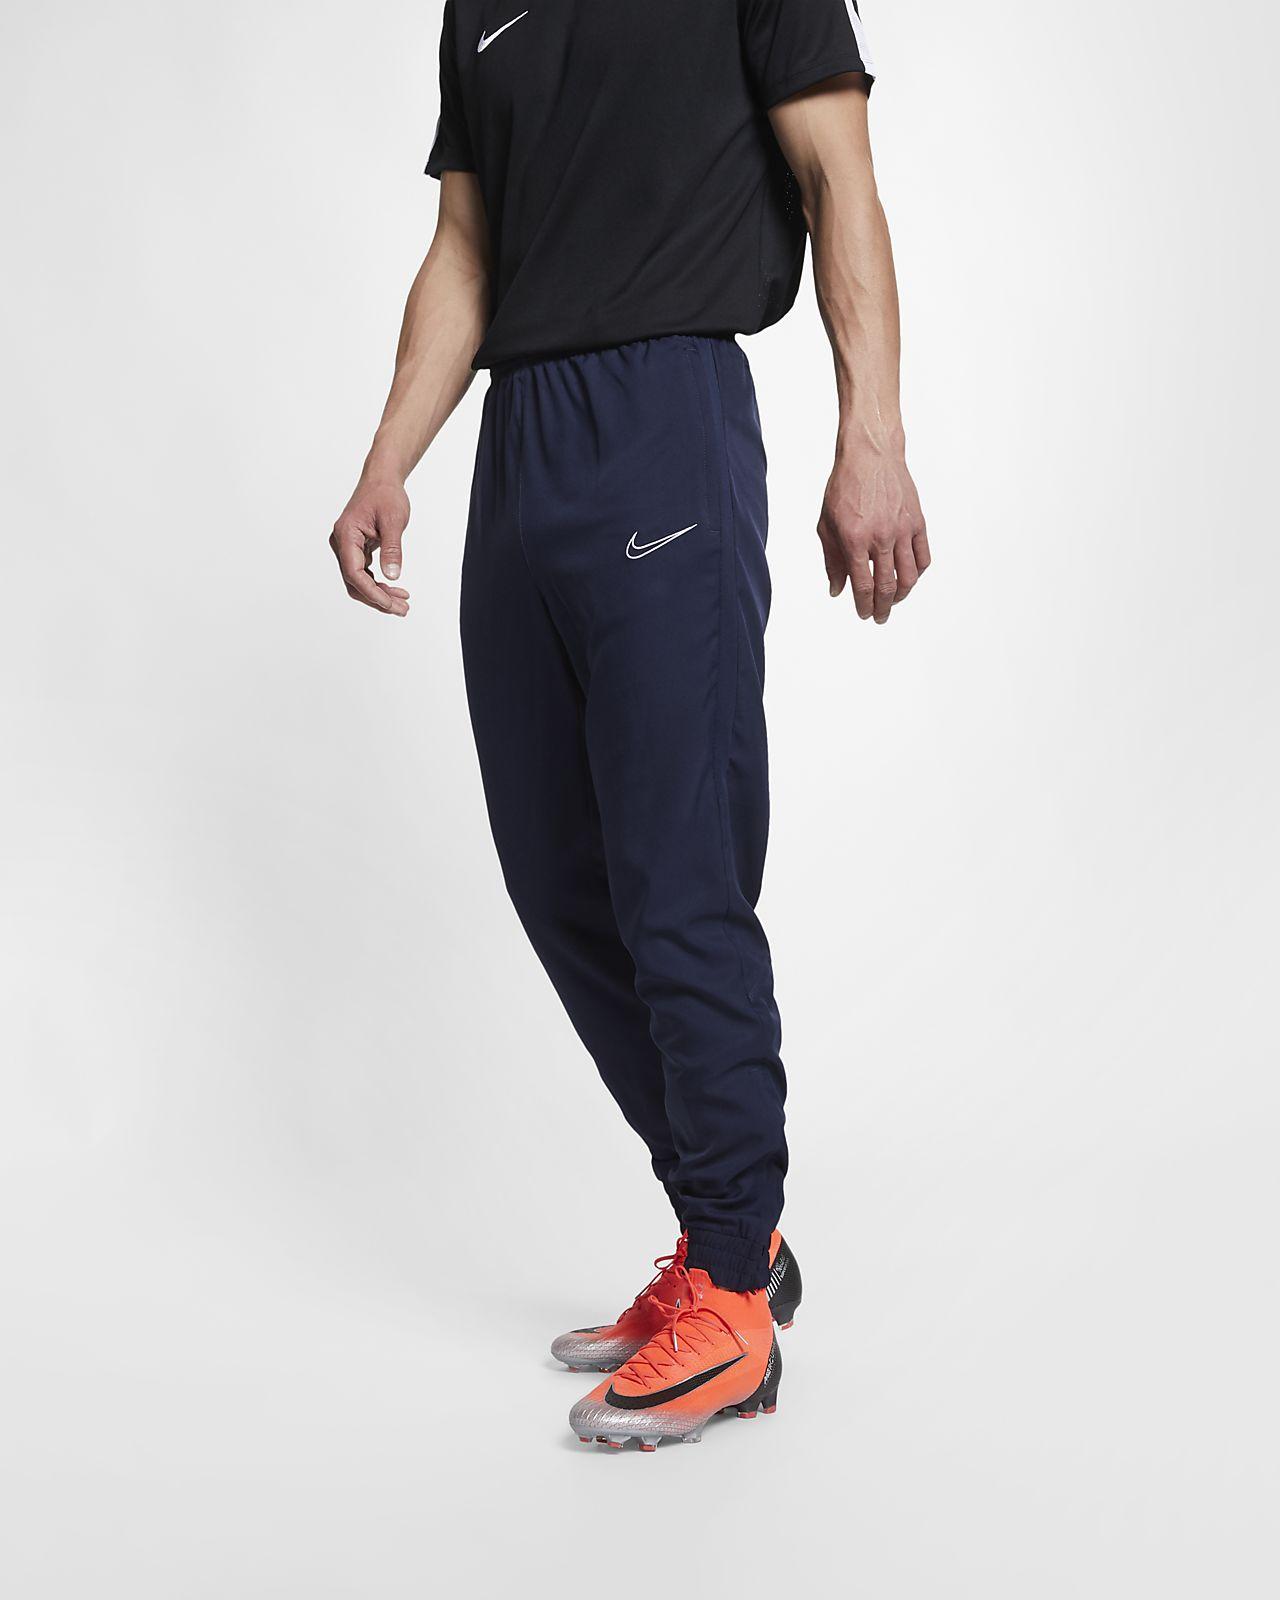 ffe7ddd73a Nike Dri-FIT Academy férfi futballnadrág. Nike.com HU